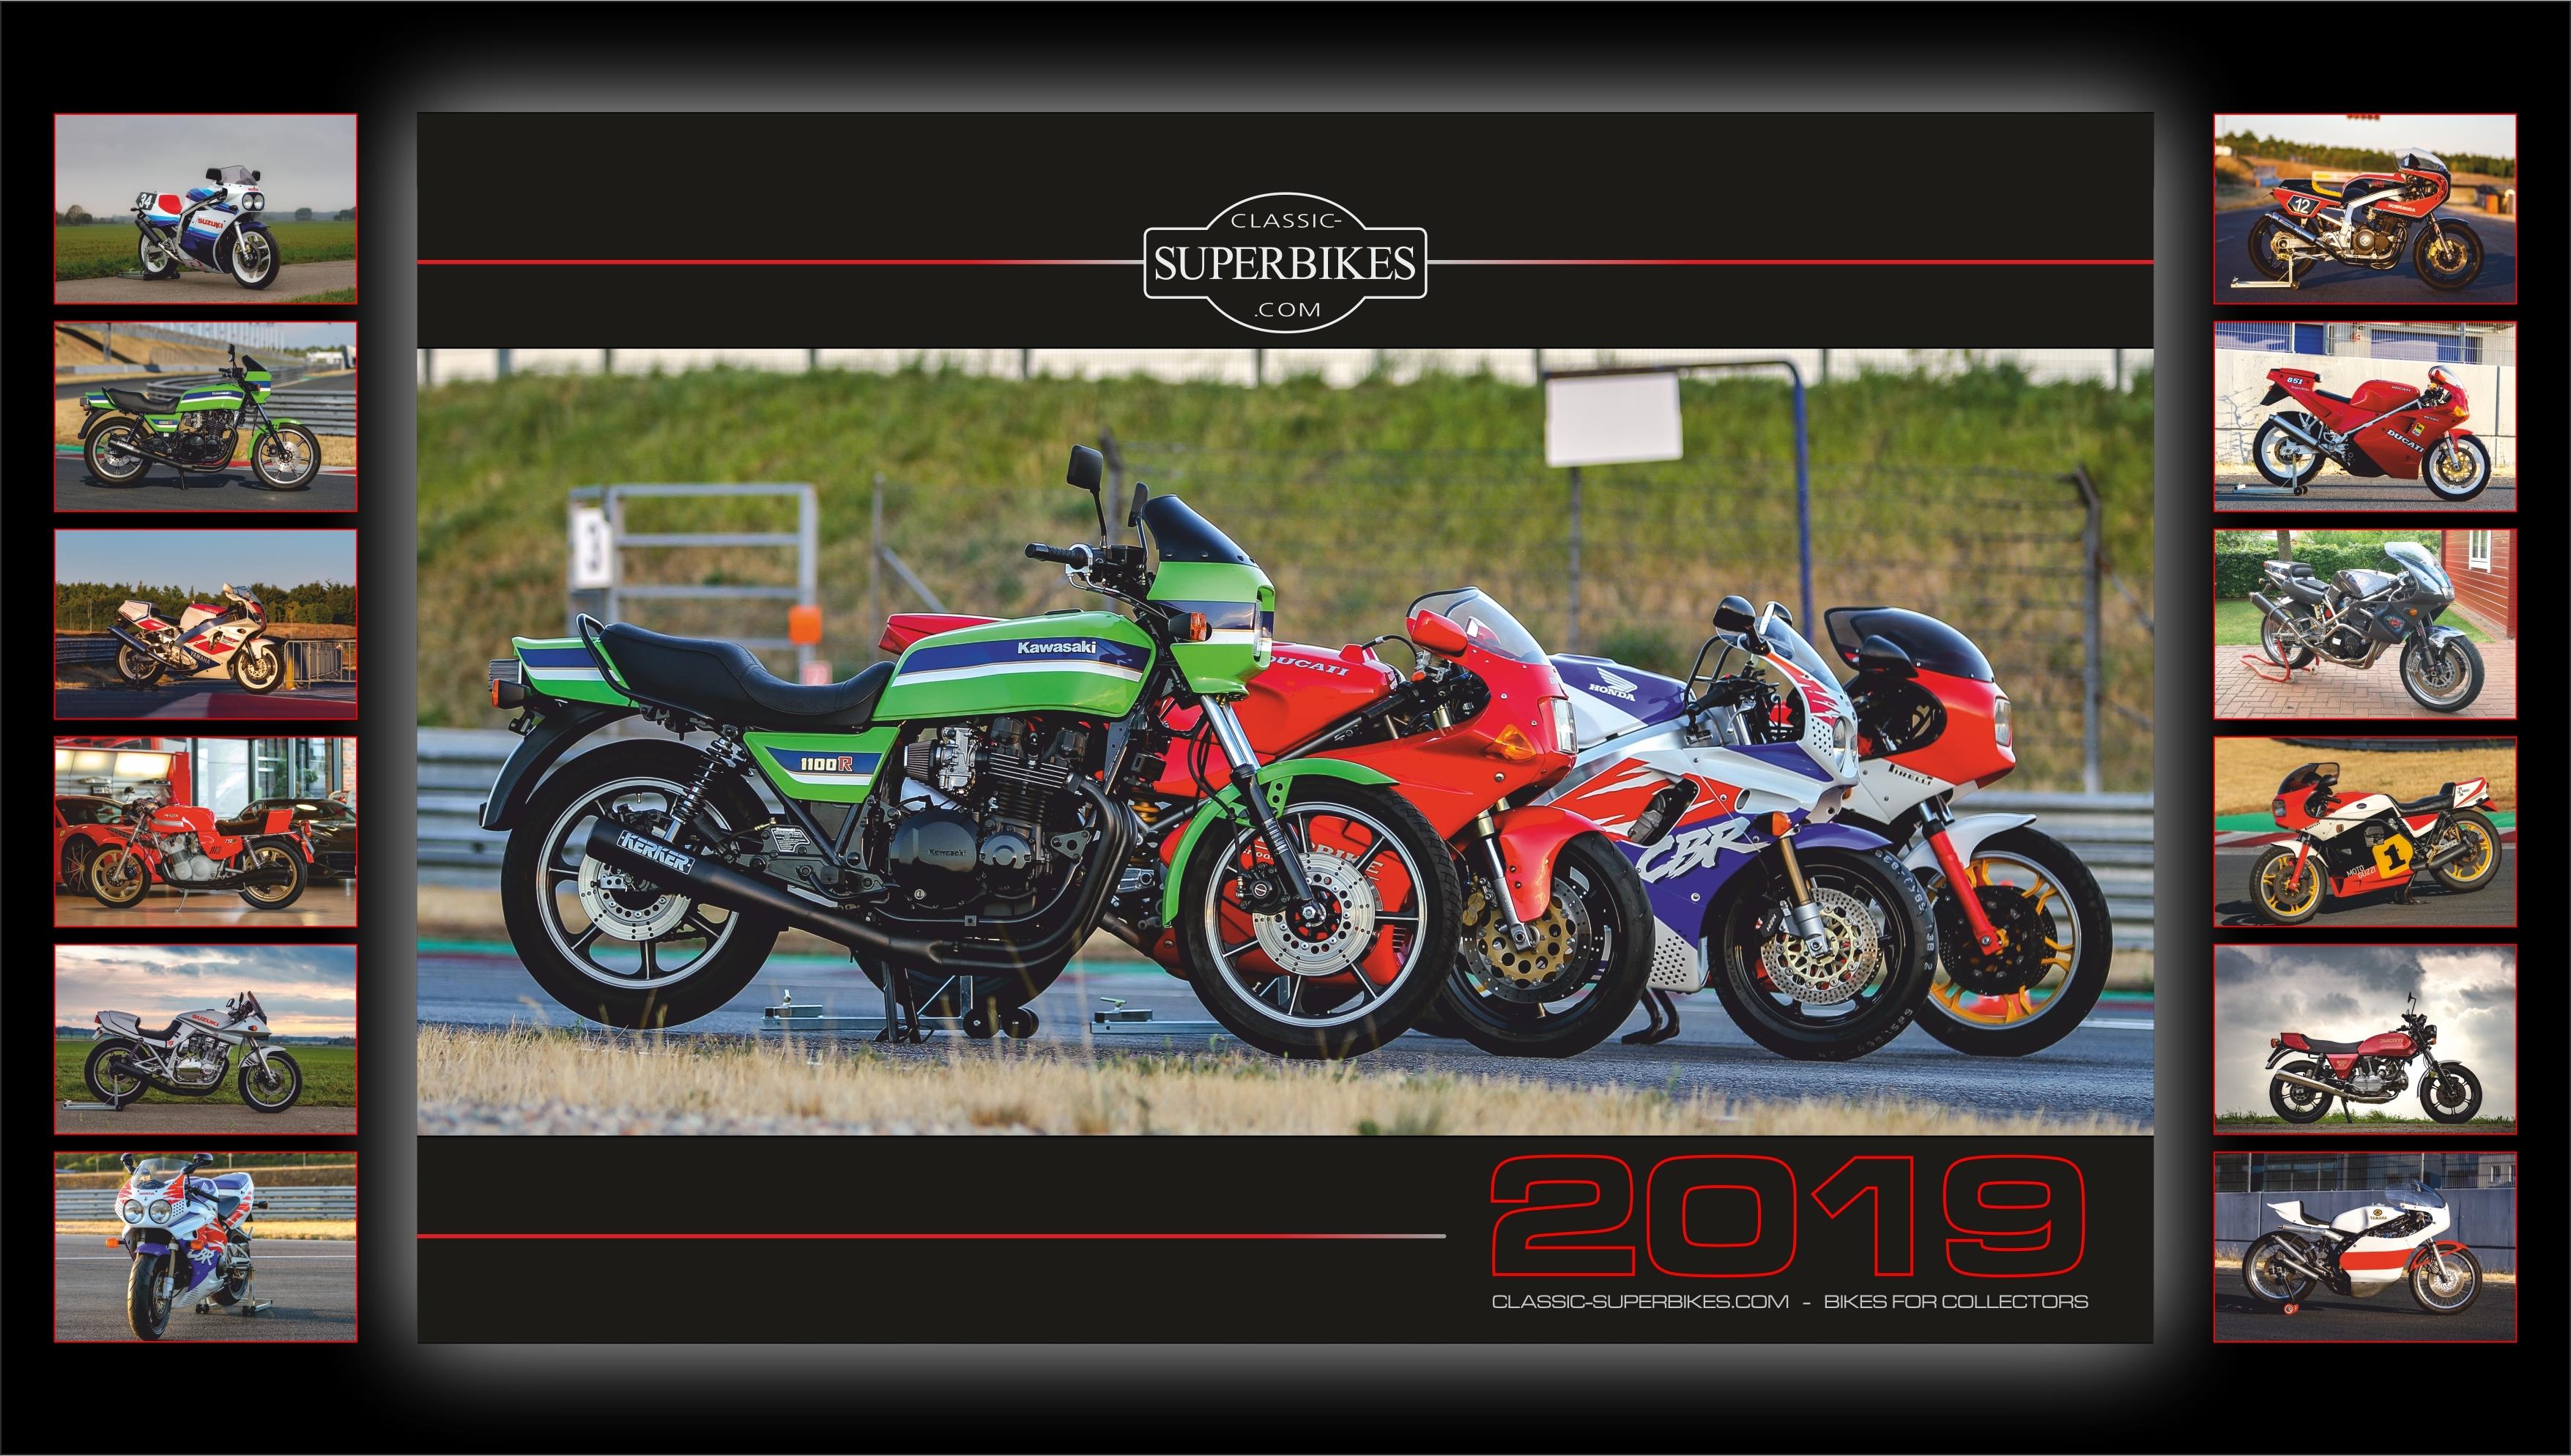 Classic-Superbikes.com Kalender 2019